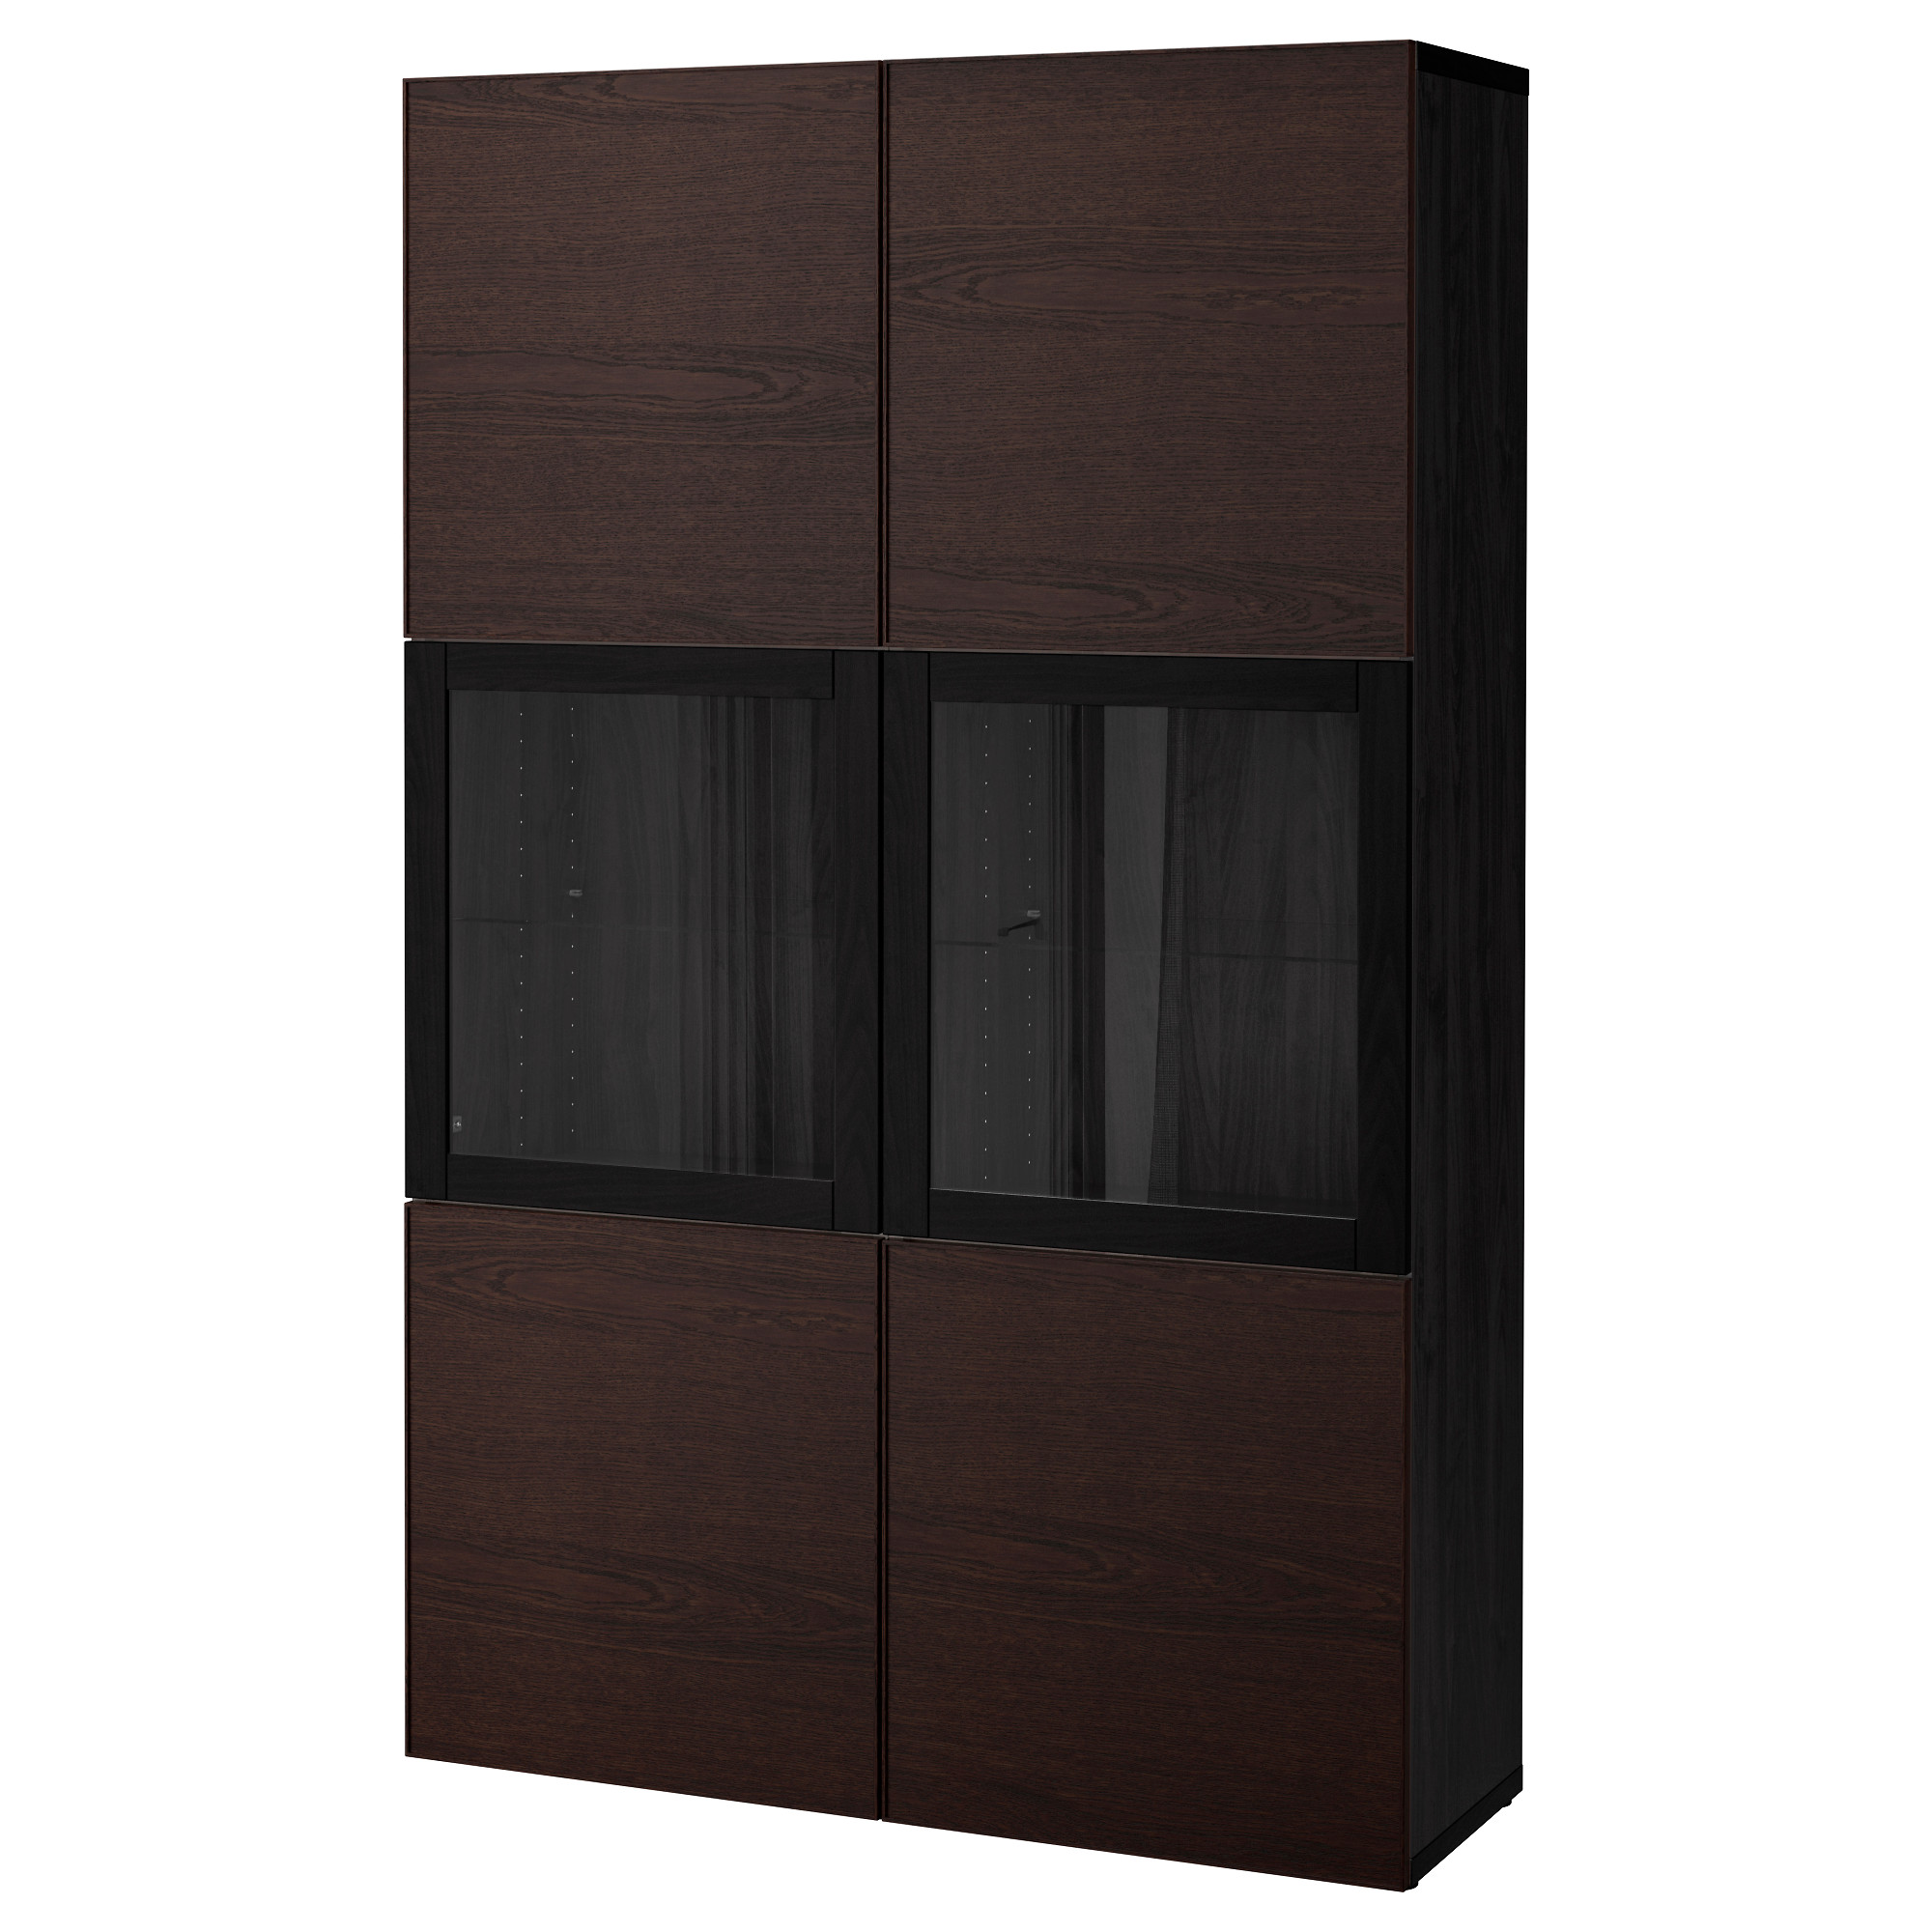 Комбинация для хранения со стеклянными дверцами БЕСТО черно-коричневый артикуль № 692.474.38 в наличии. Онлайн магазин IKEA Беларусь. Быстрая доставка и монтаж.